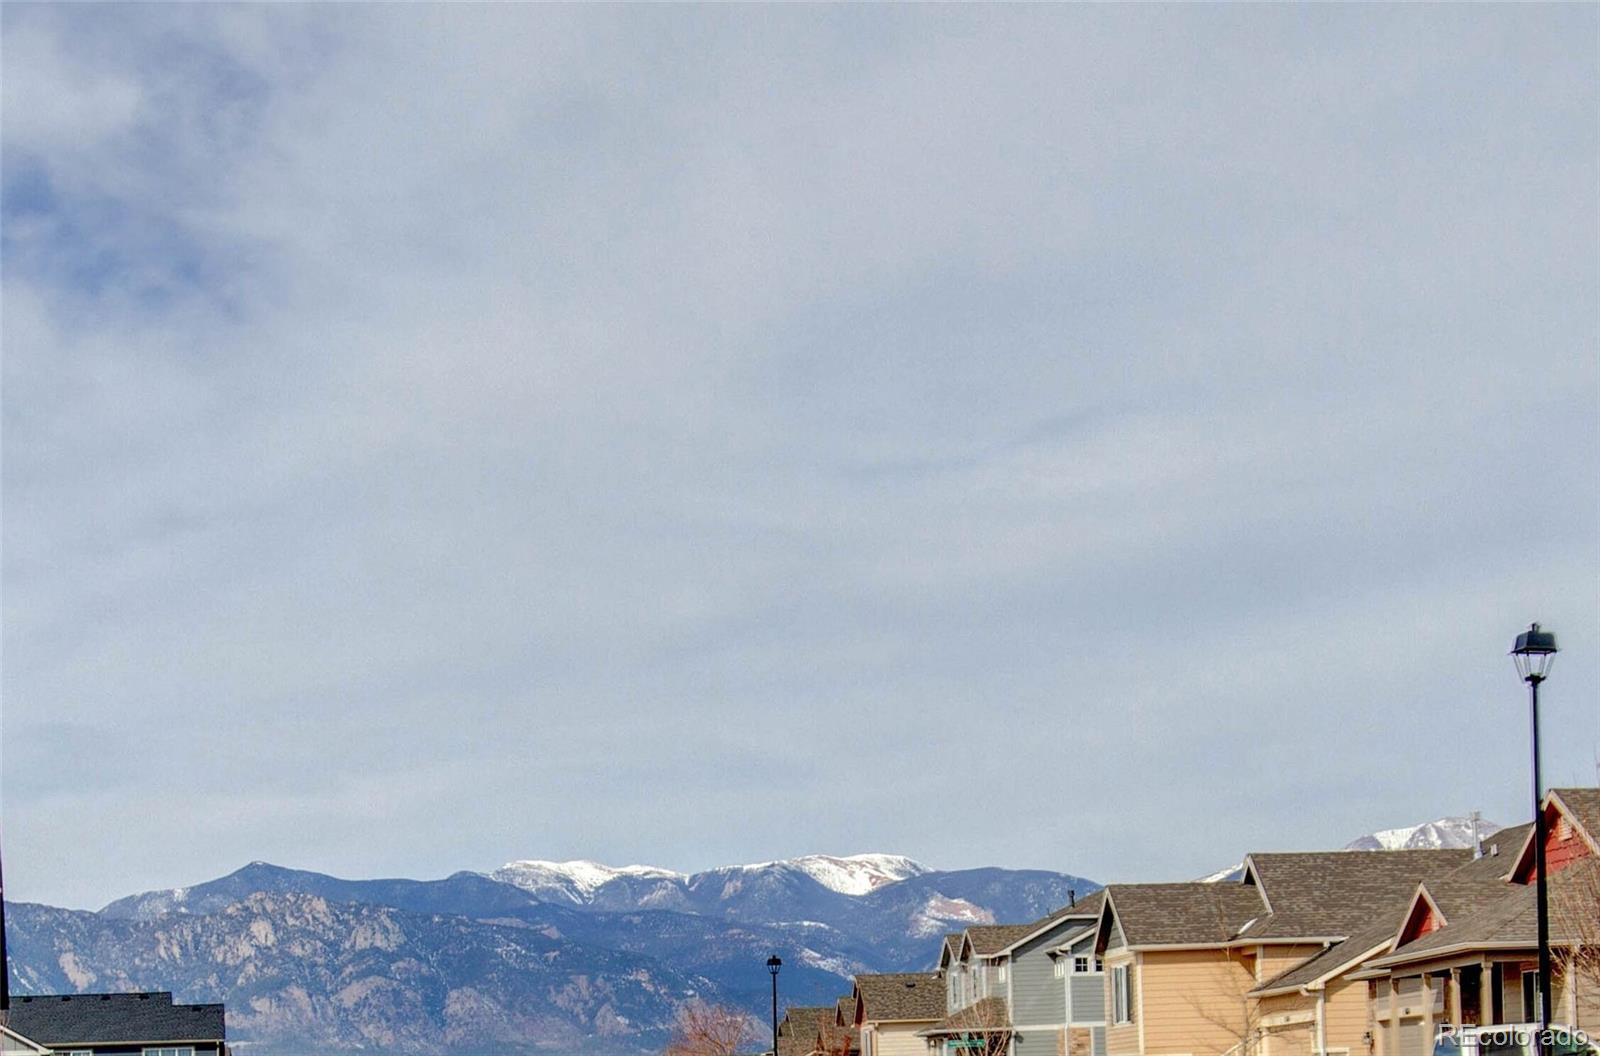 MLS# 4048176 - 28 - 6425 Dancing Star Way, Colorado Springs, CO 80911